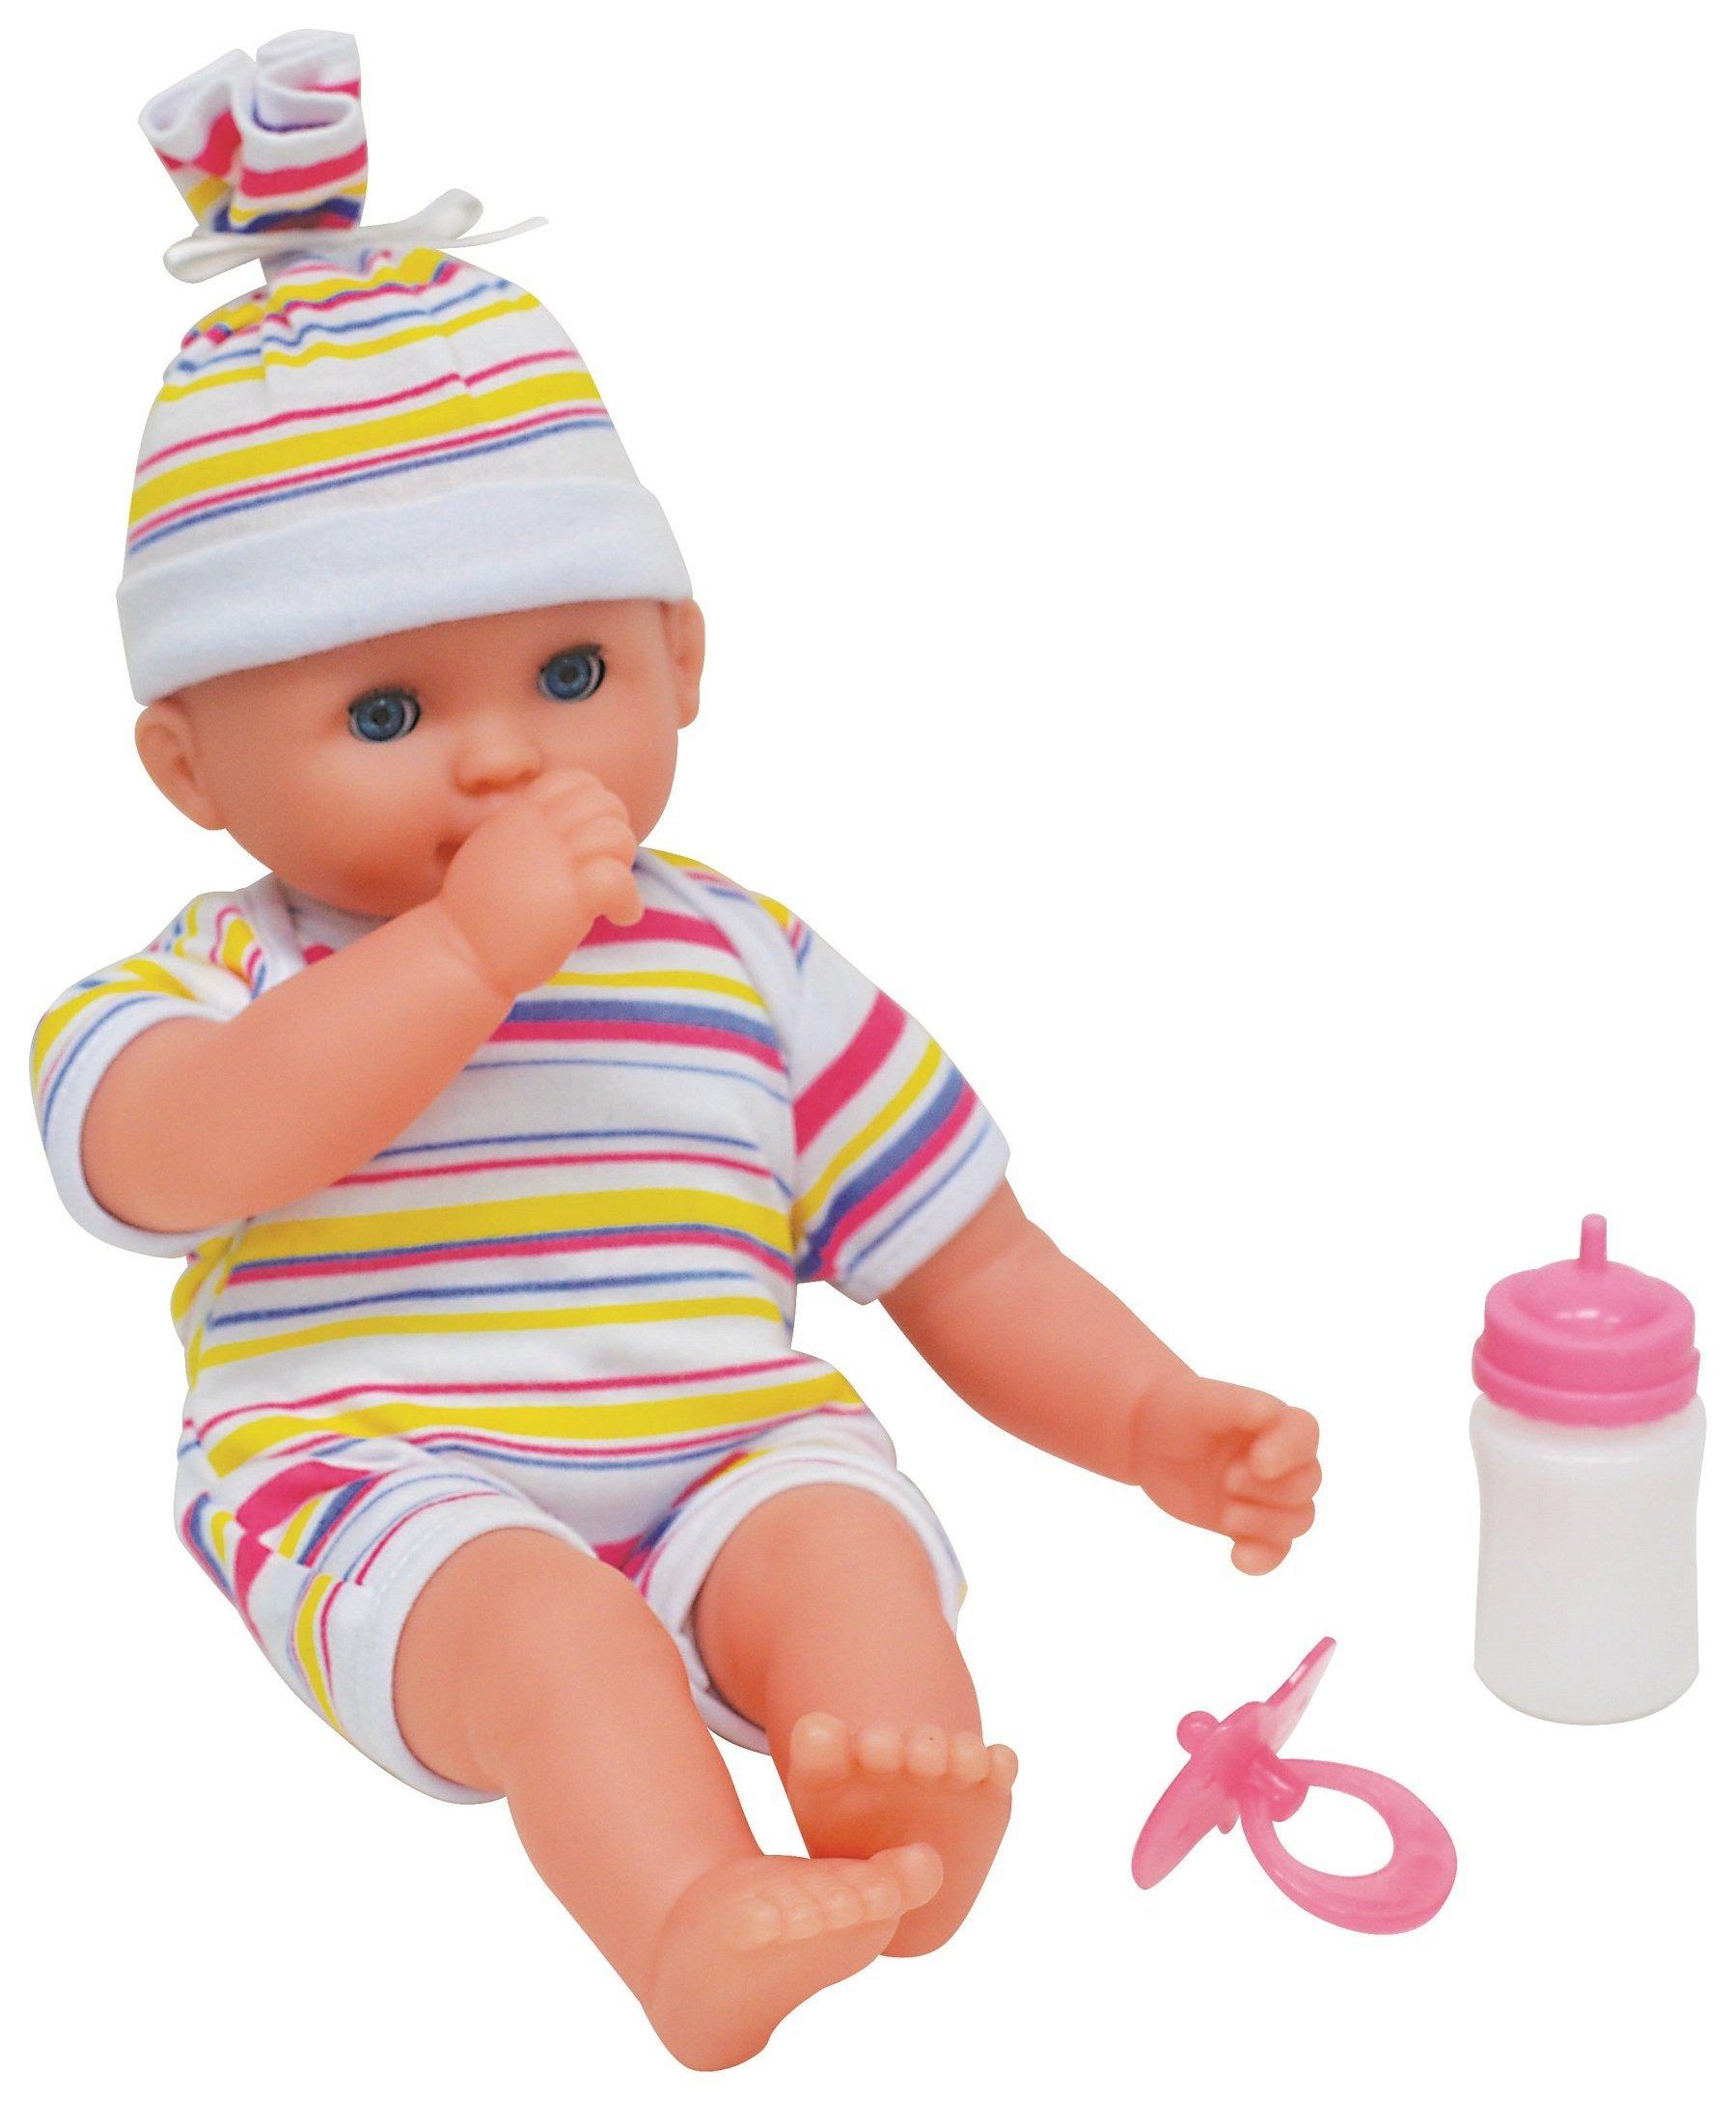 Dollsworld Talking Little Sweetie.